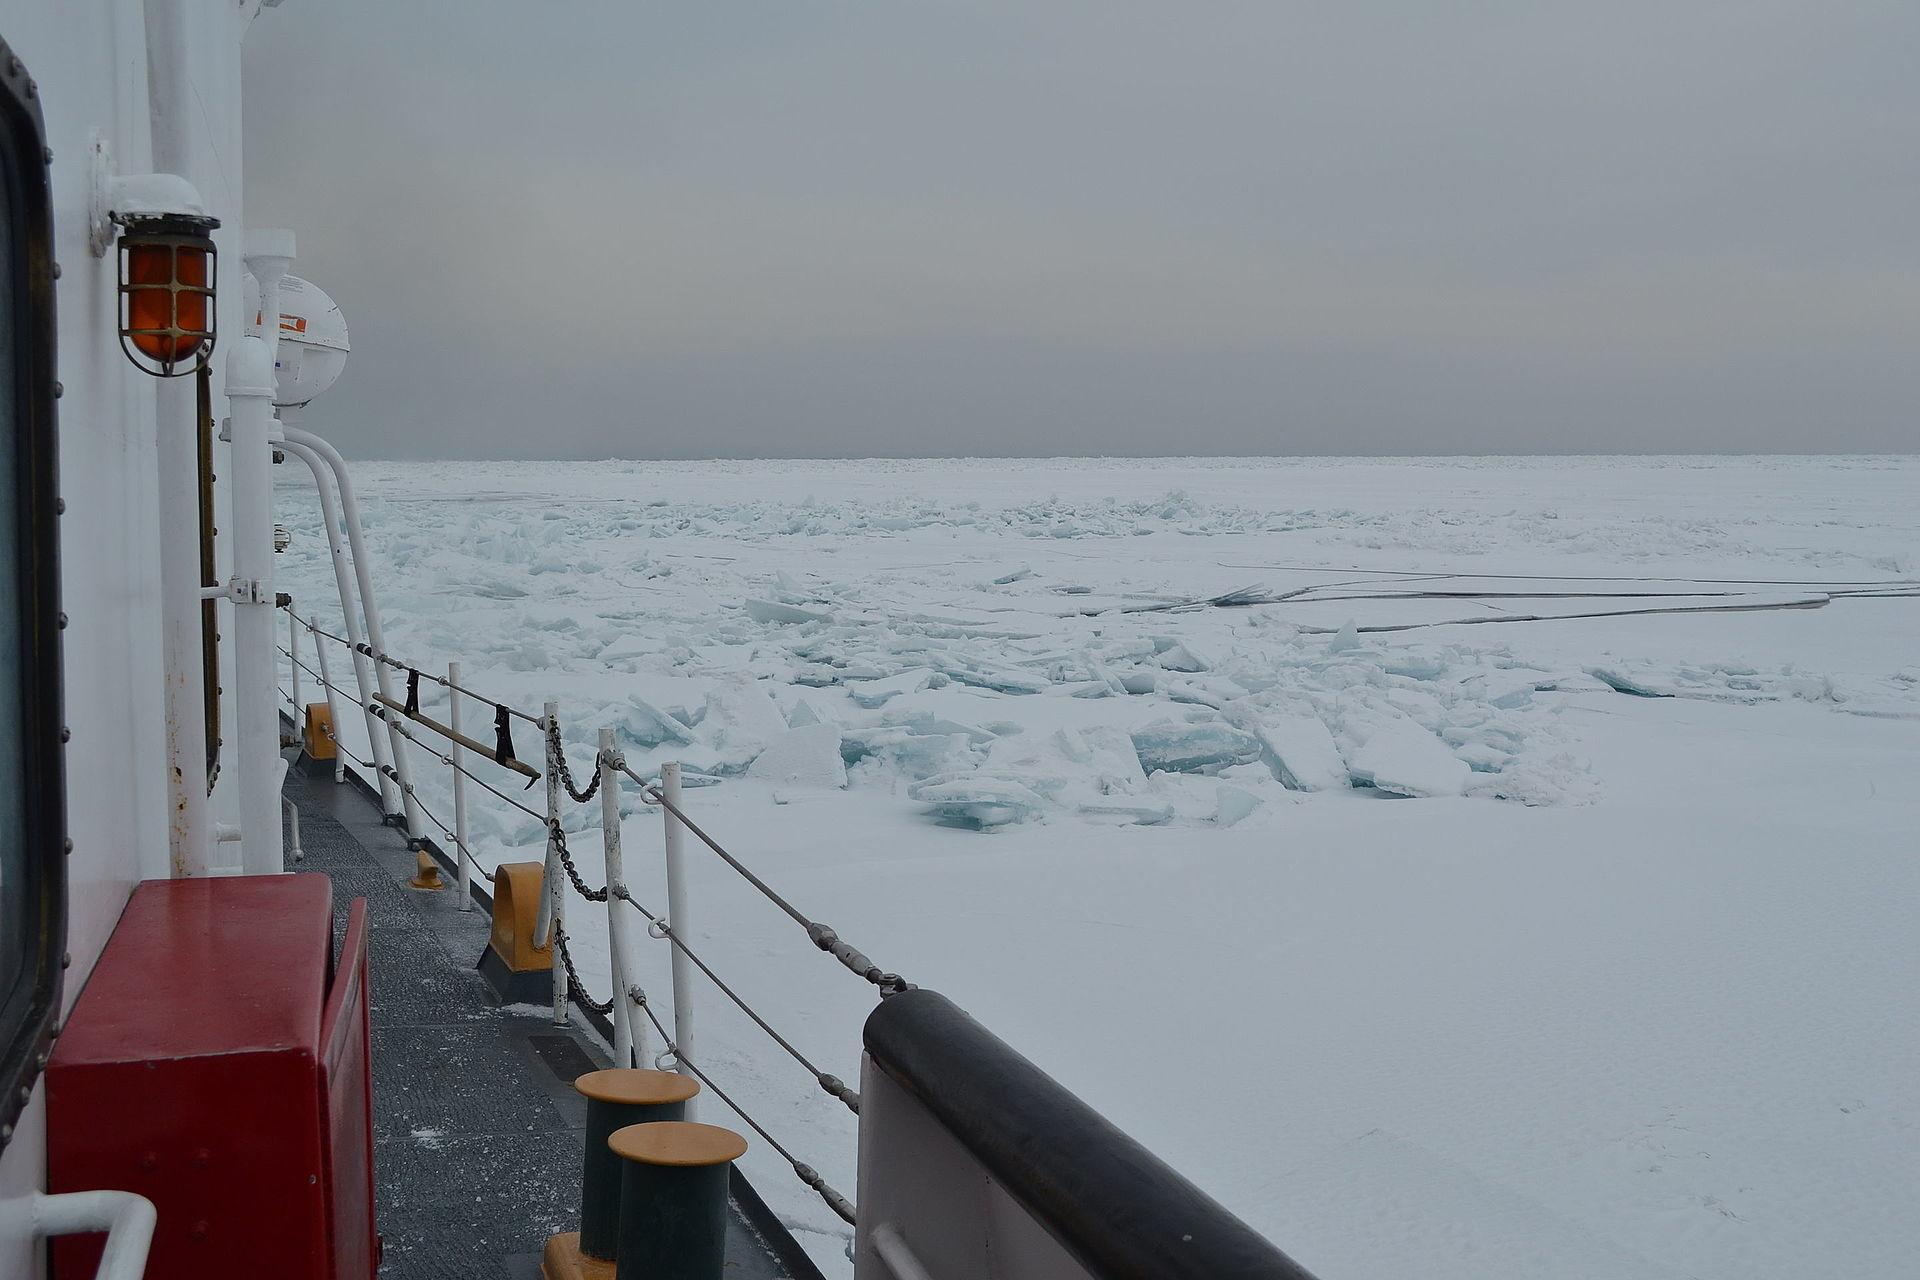 Заказ настроительство ледоколов для освоения Арктики расширят— Борисов